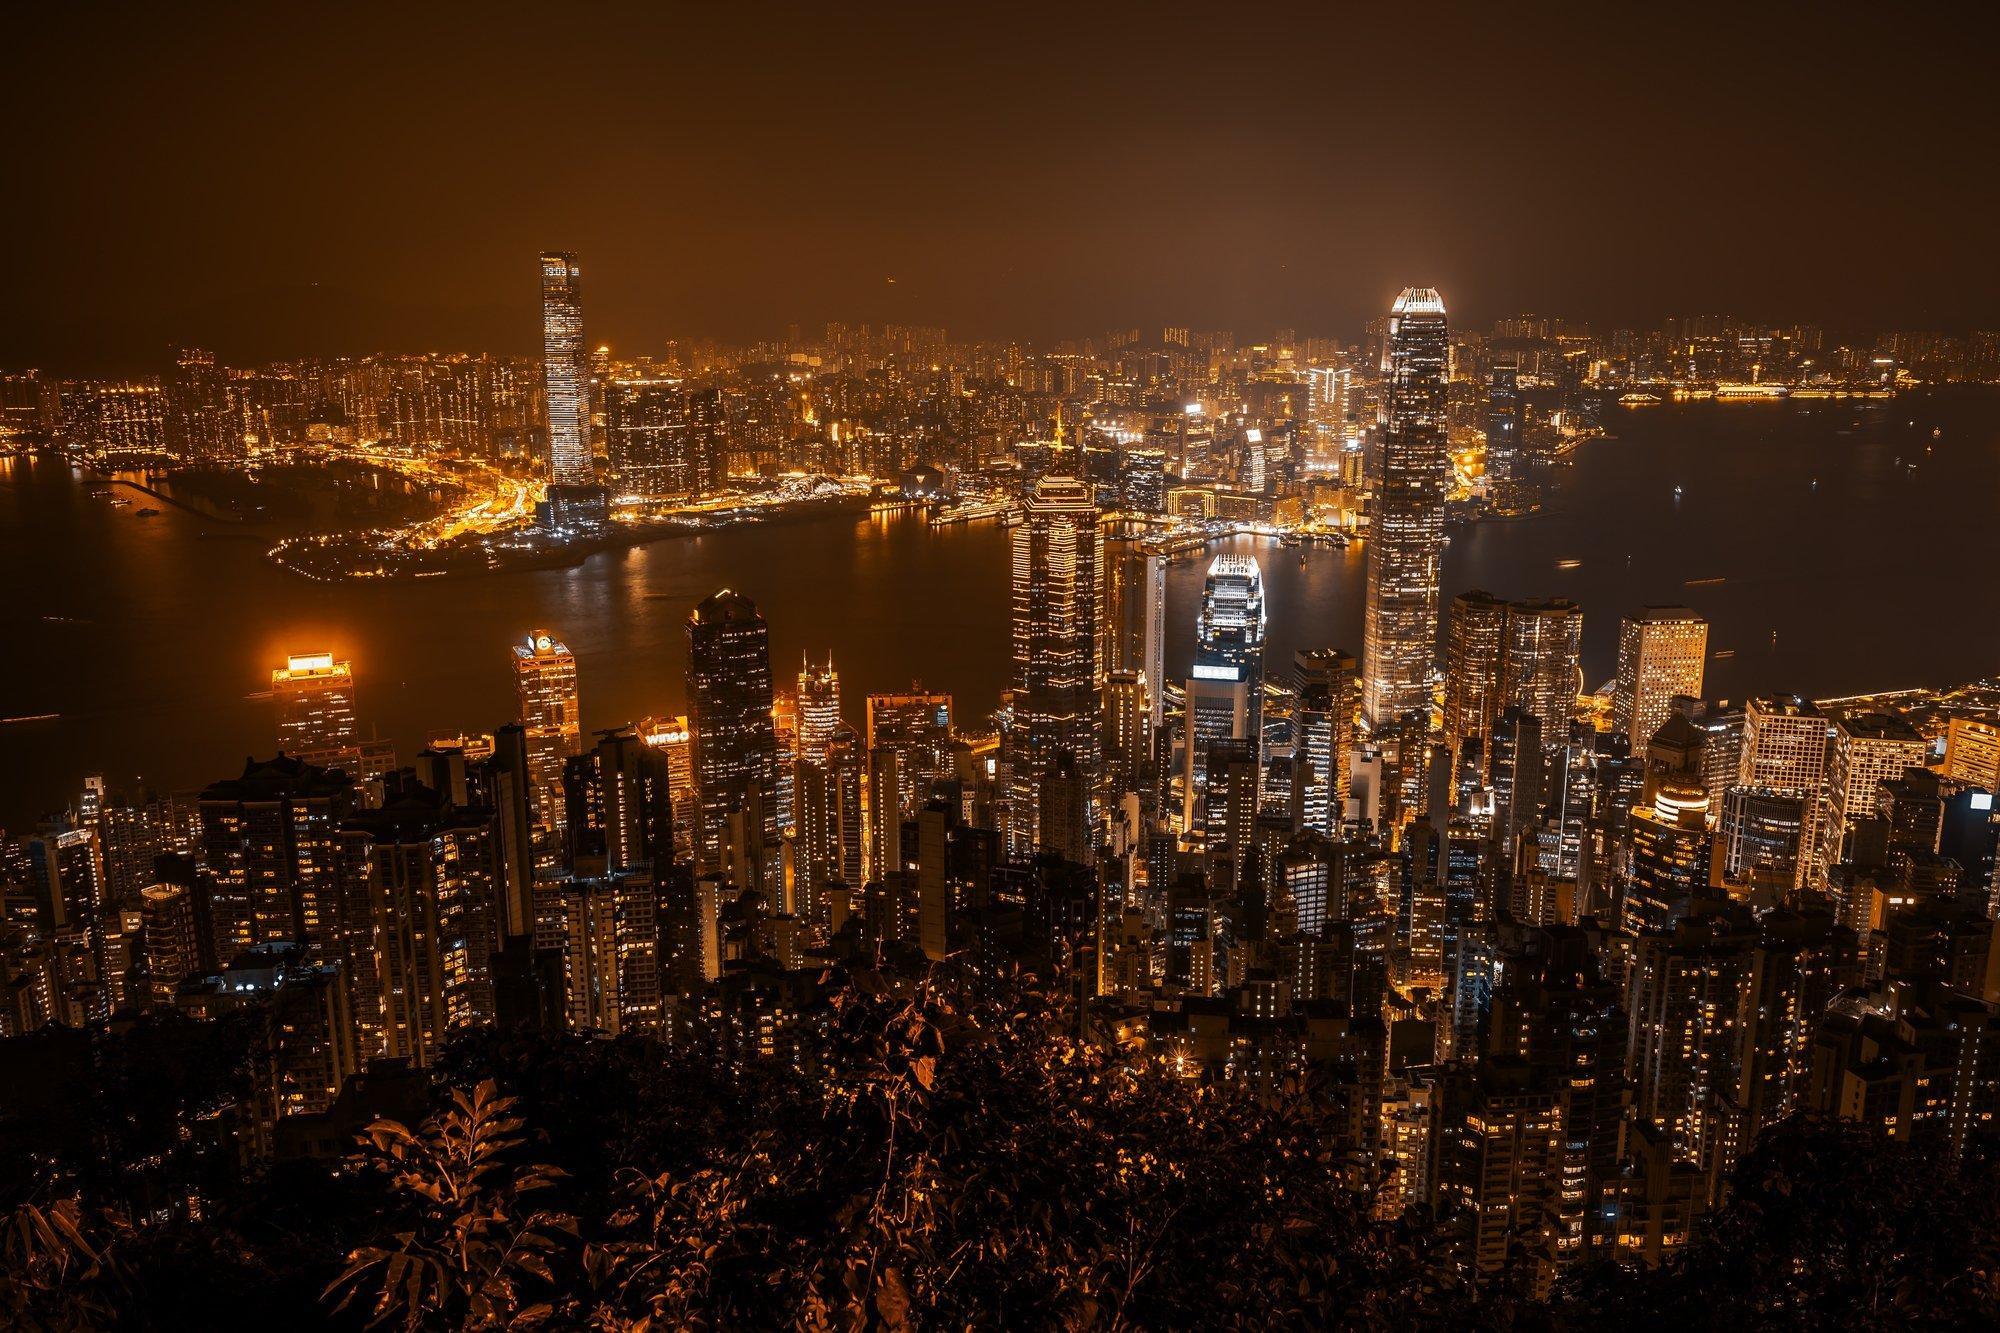 Das nachts leuchtende Hongkong mit seinen vielen Wolkenkratzern von einem Berggipfel aus gesehen.